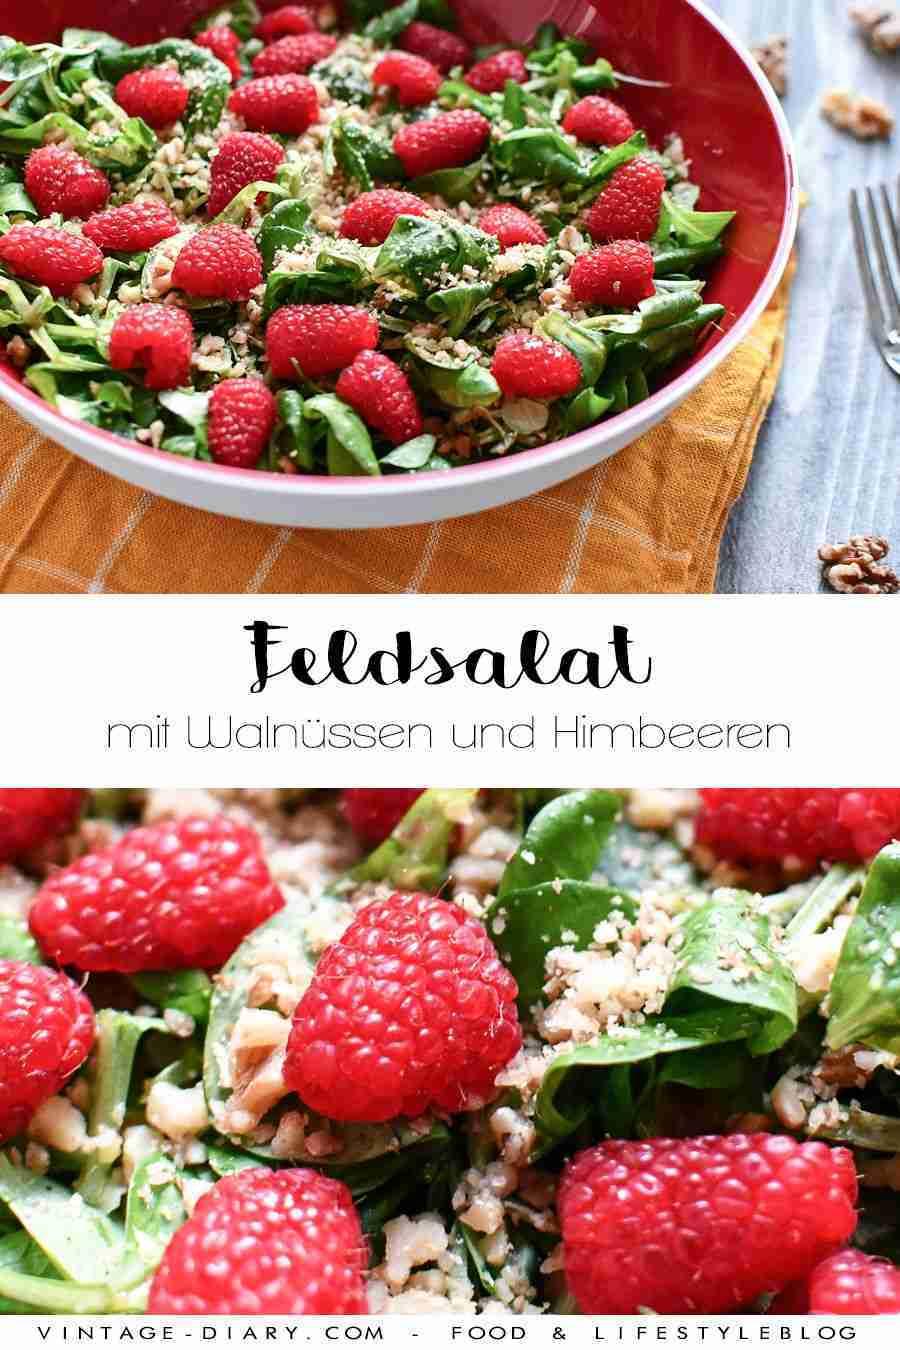 Feldsalat mit Walnüssen und Himbeeren – vintage-diary